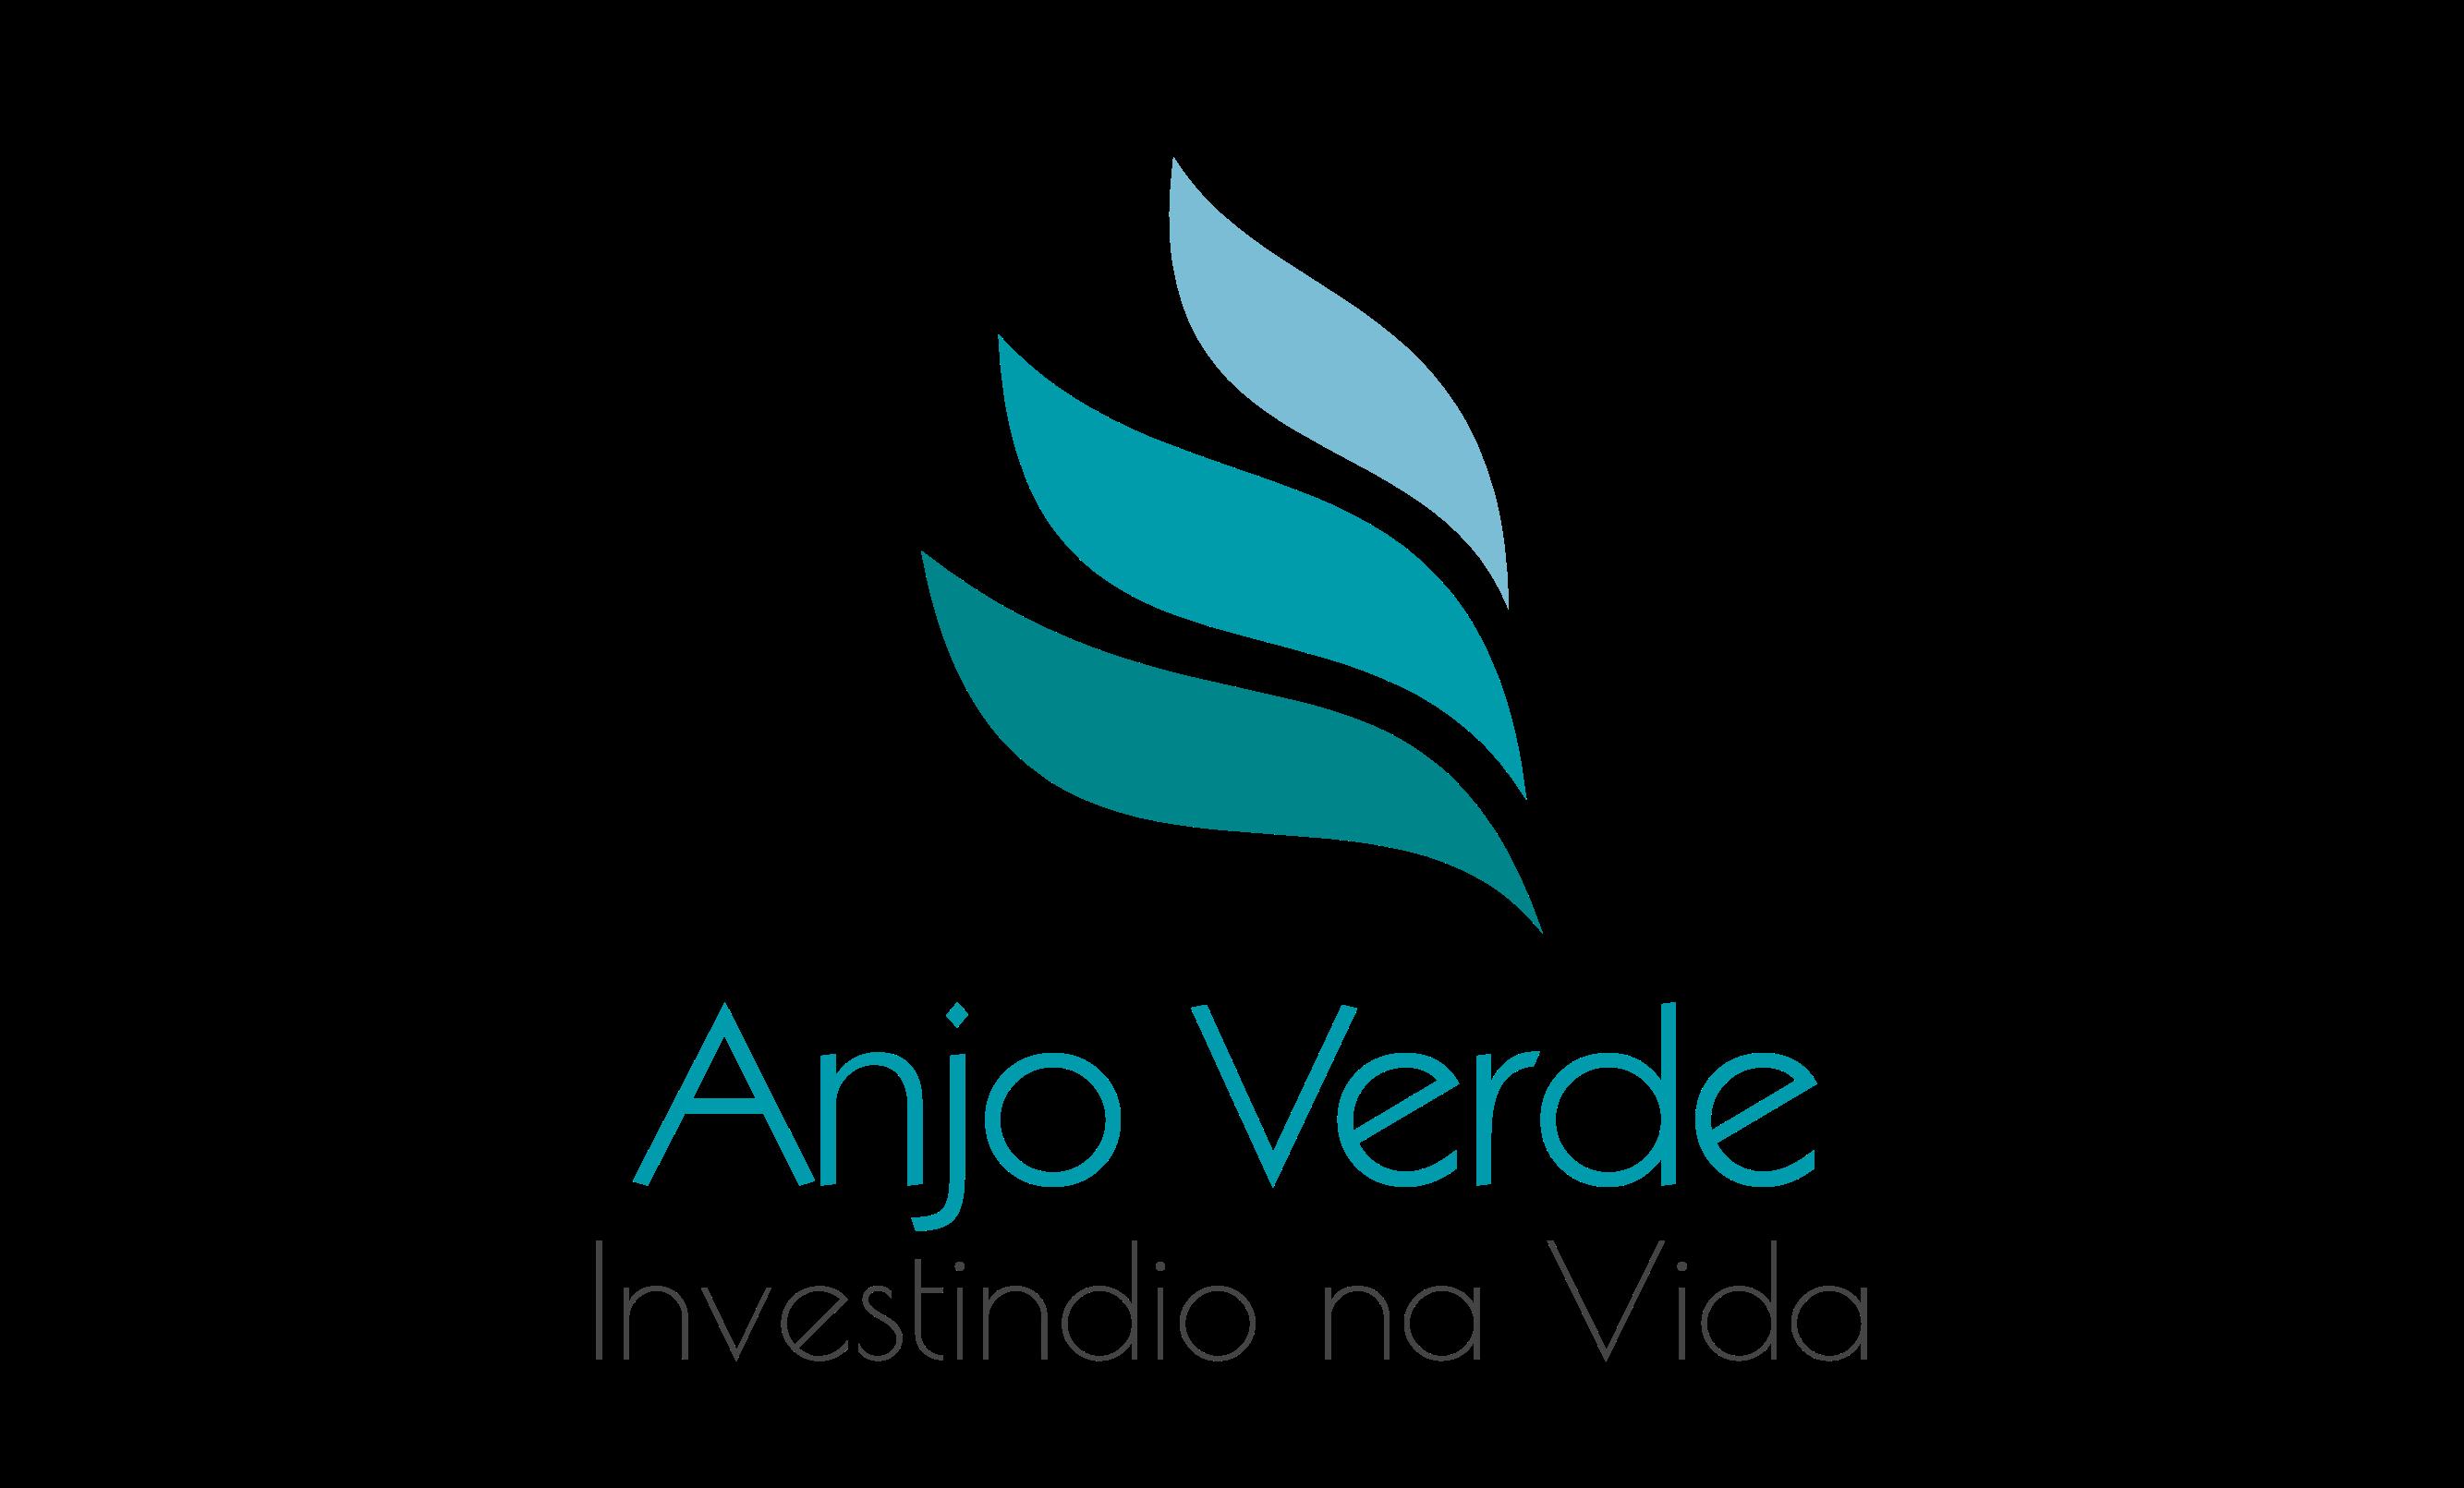 Anjo Verde